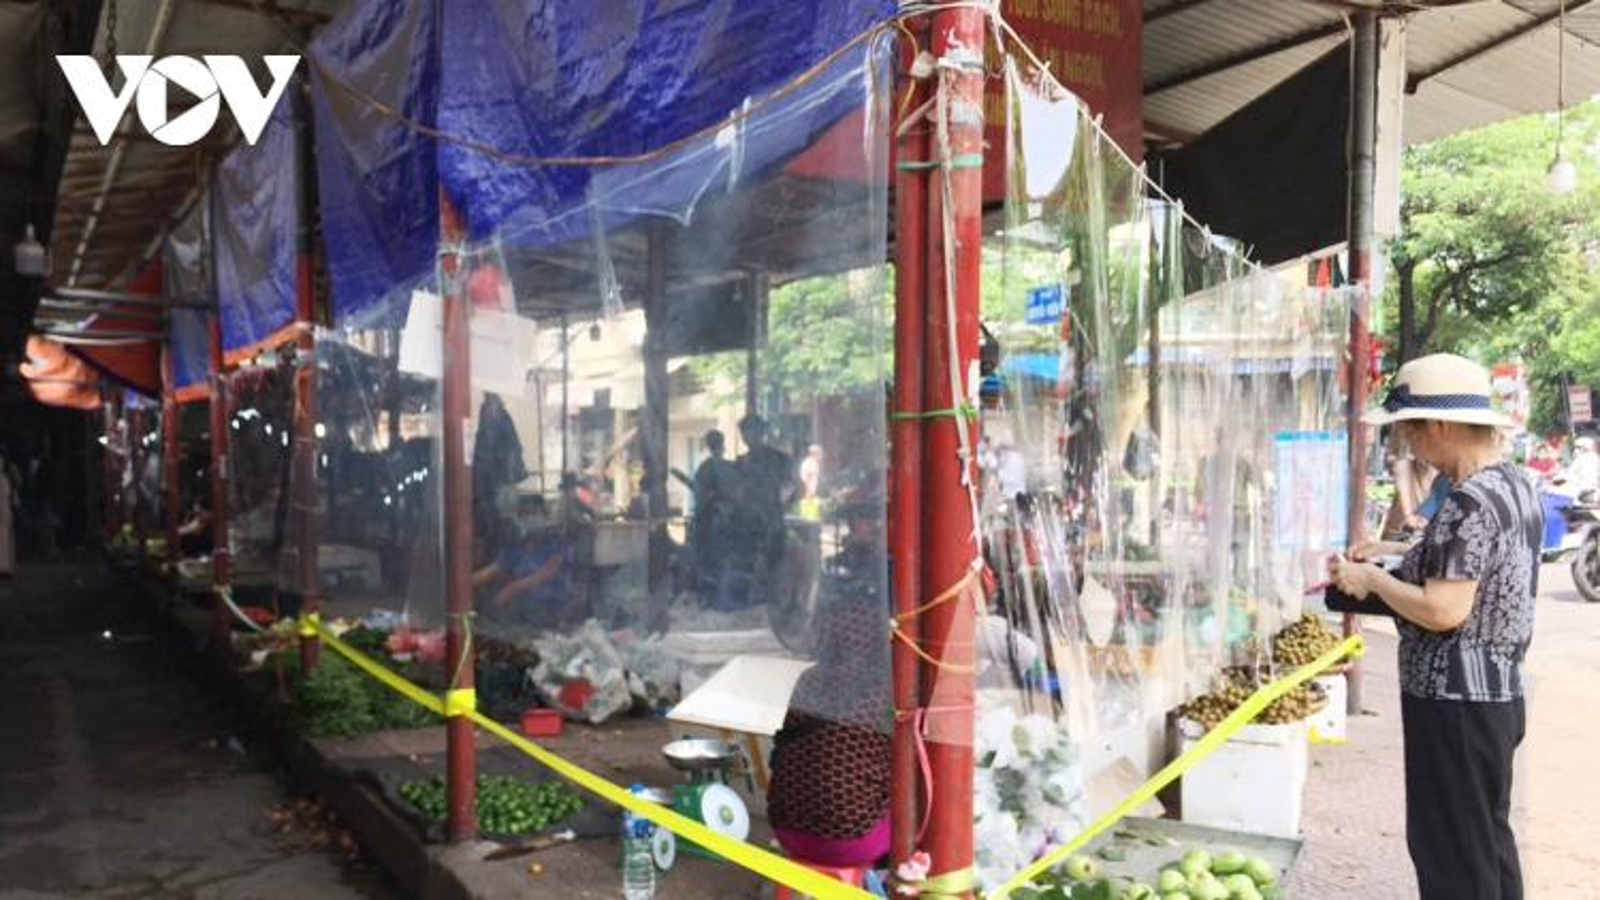 Tiểu thương ở Hà Nội tự làm tấm chắn giãn cách phòng dịch